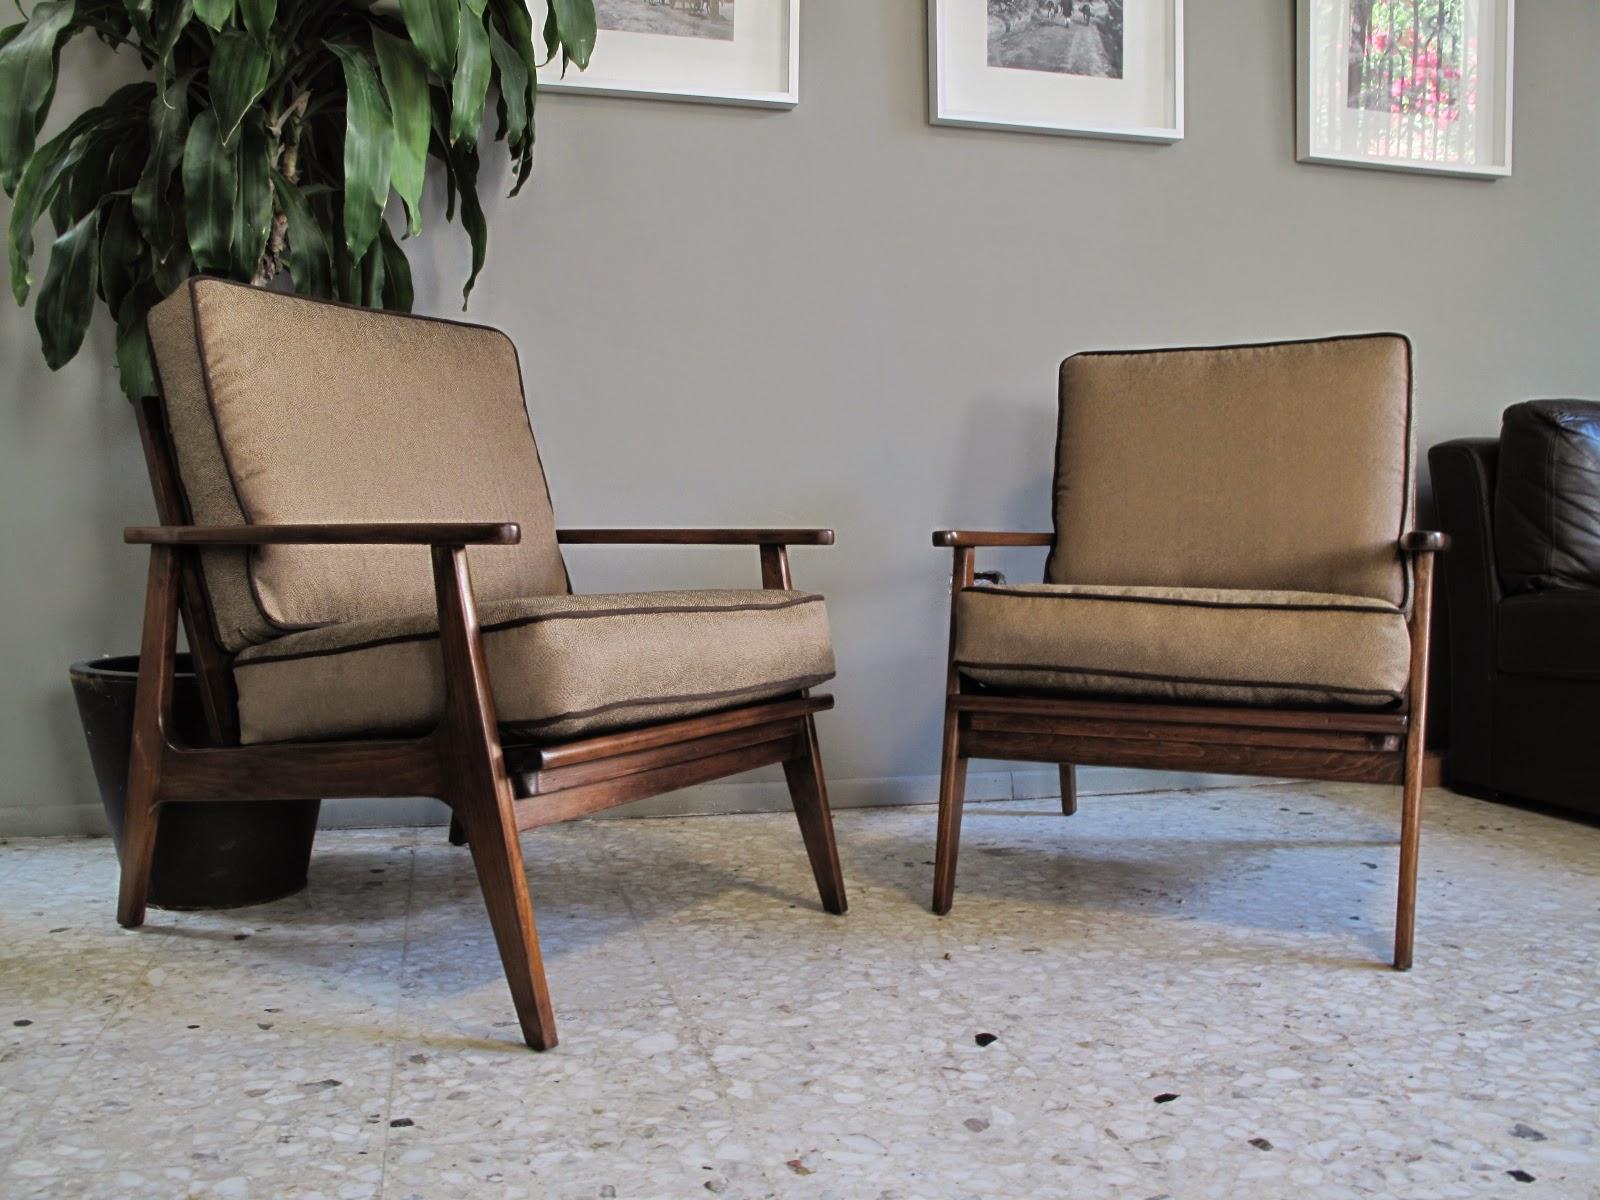 Aera60 mobiliario sillones estilo danes 50s 60s circa - Sillones vintage retro ...